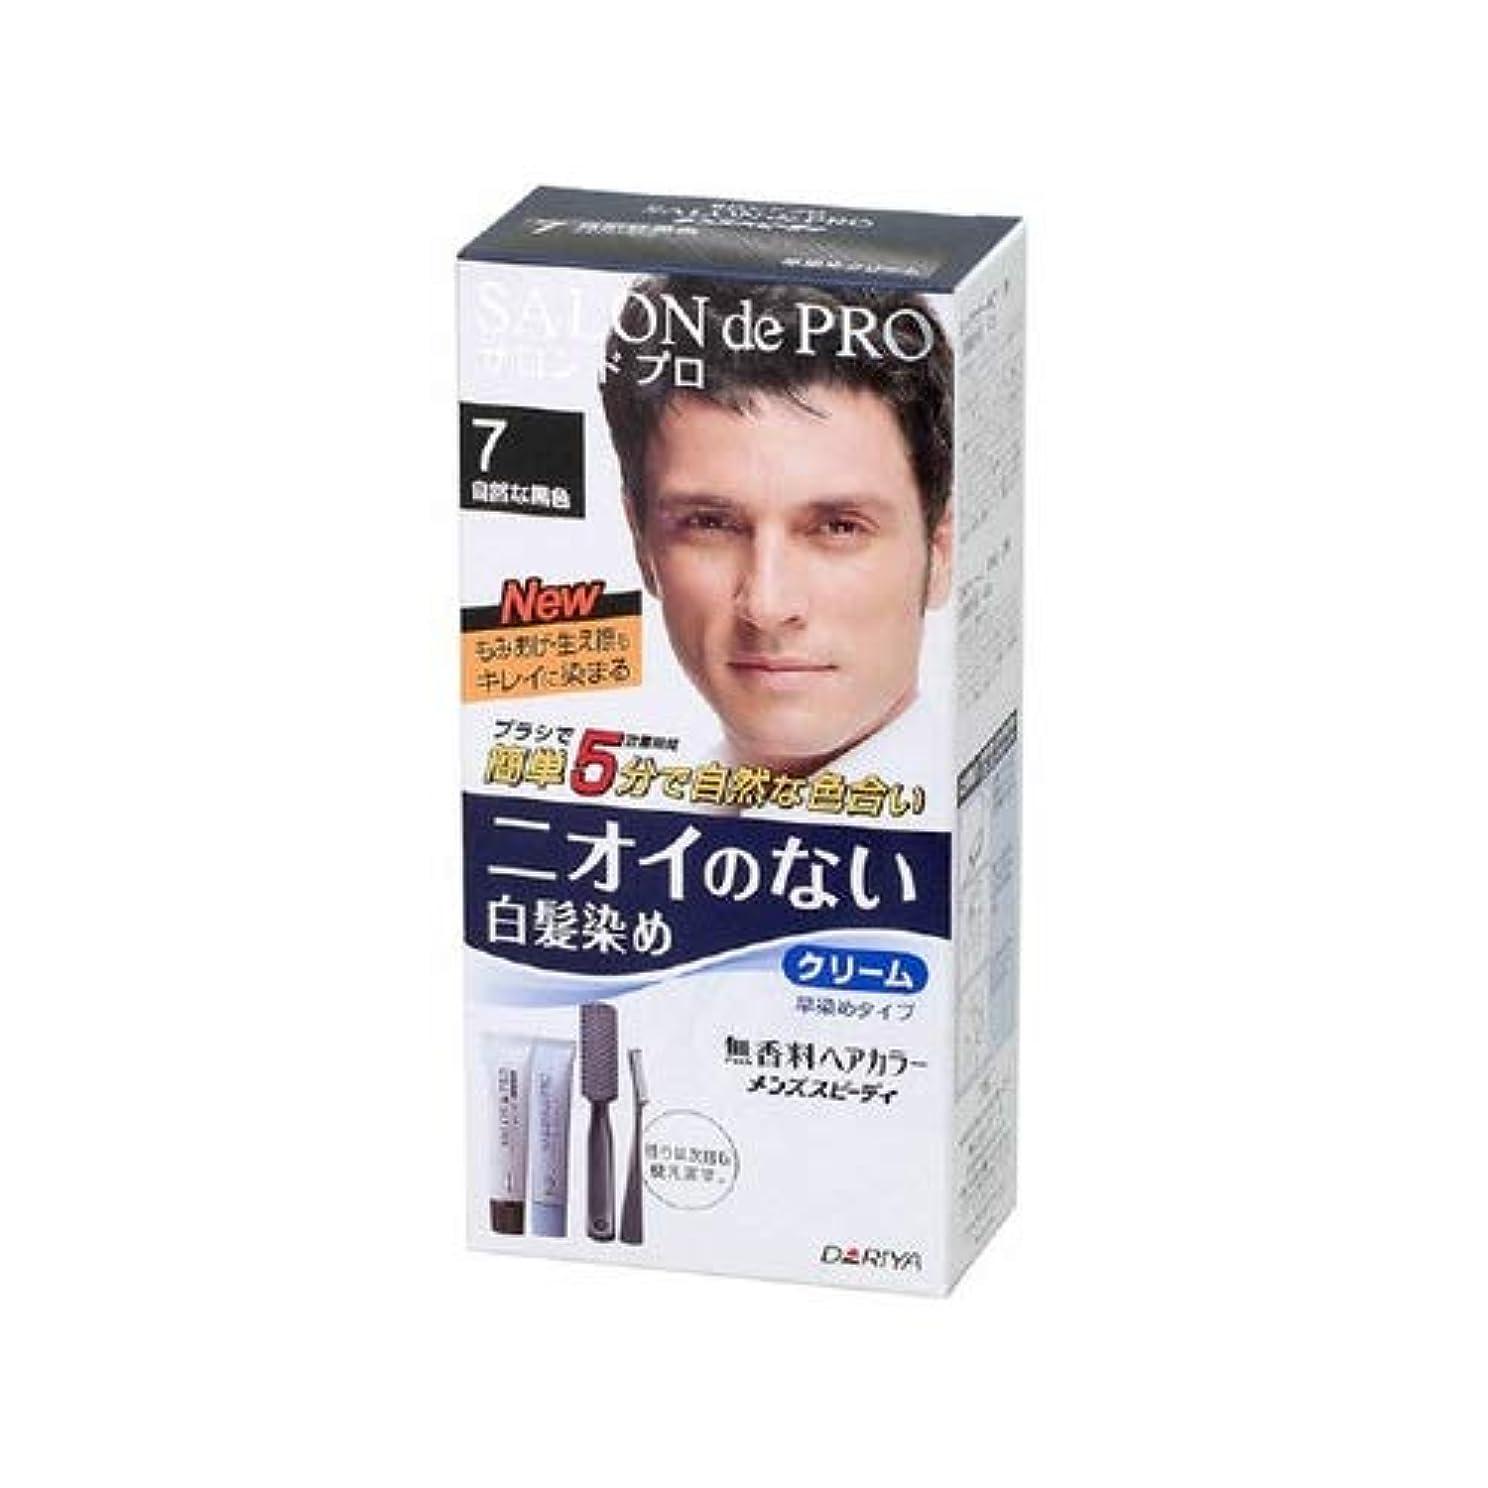 仮定する完全に乾く請求可能【ダリヤ】 サロンドプロ 無香料ヘアカラー メンズスピーディー(白髪用) 7 自然な黒色